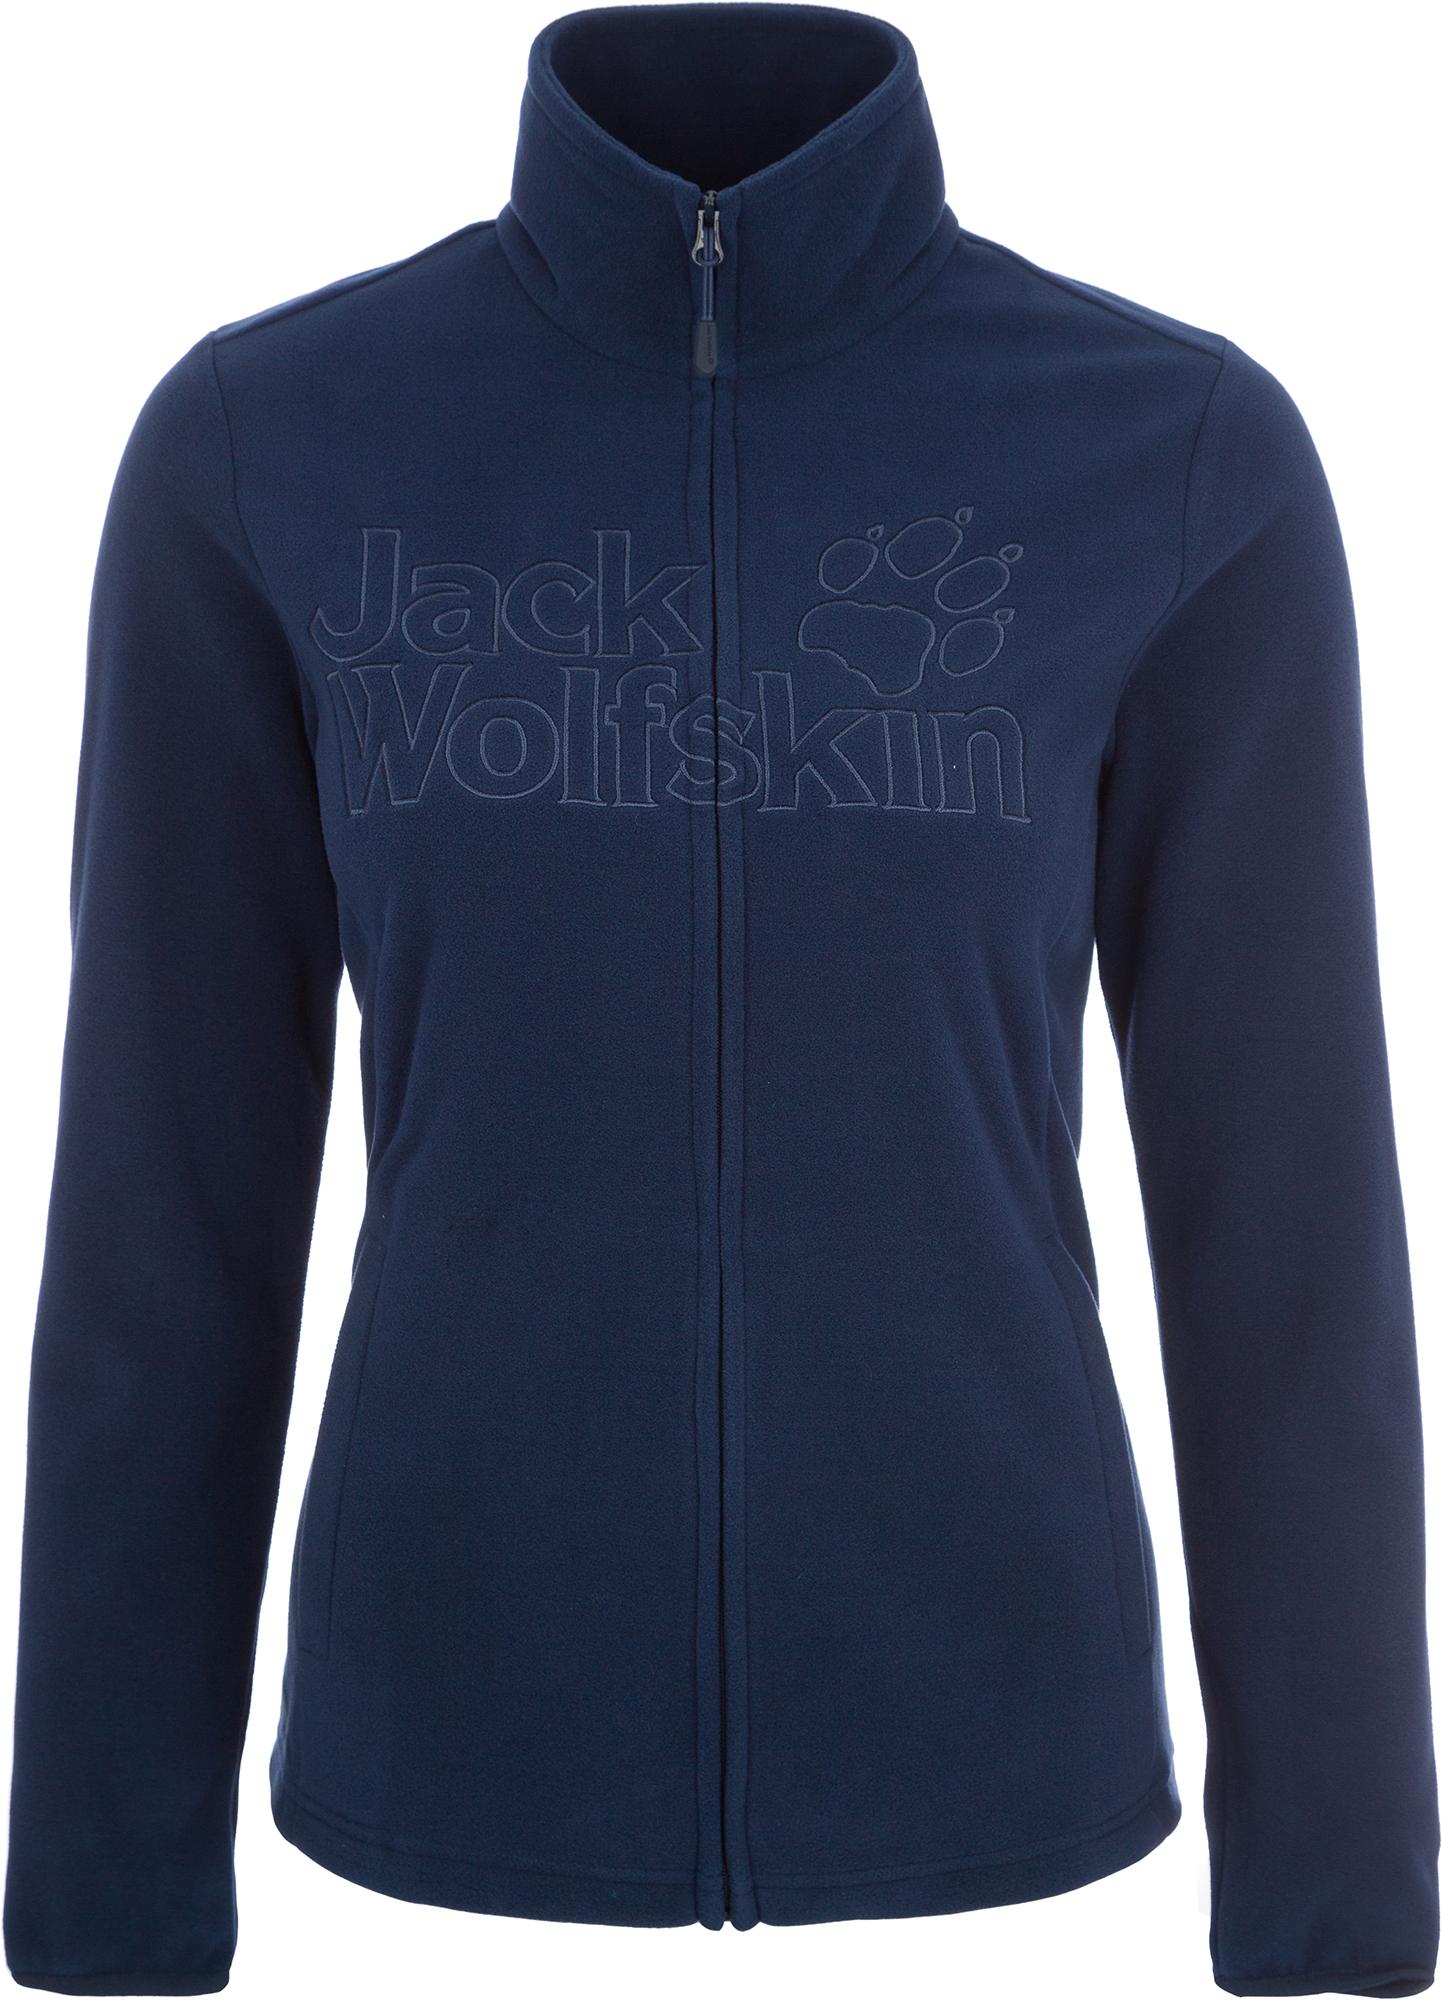 JACK WOLFSKIN Джемпер женский JACK WOLFSKIN Zero Waste, размер 52-54